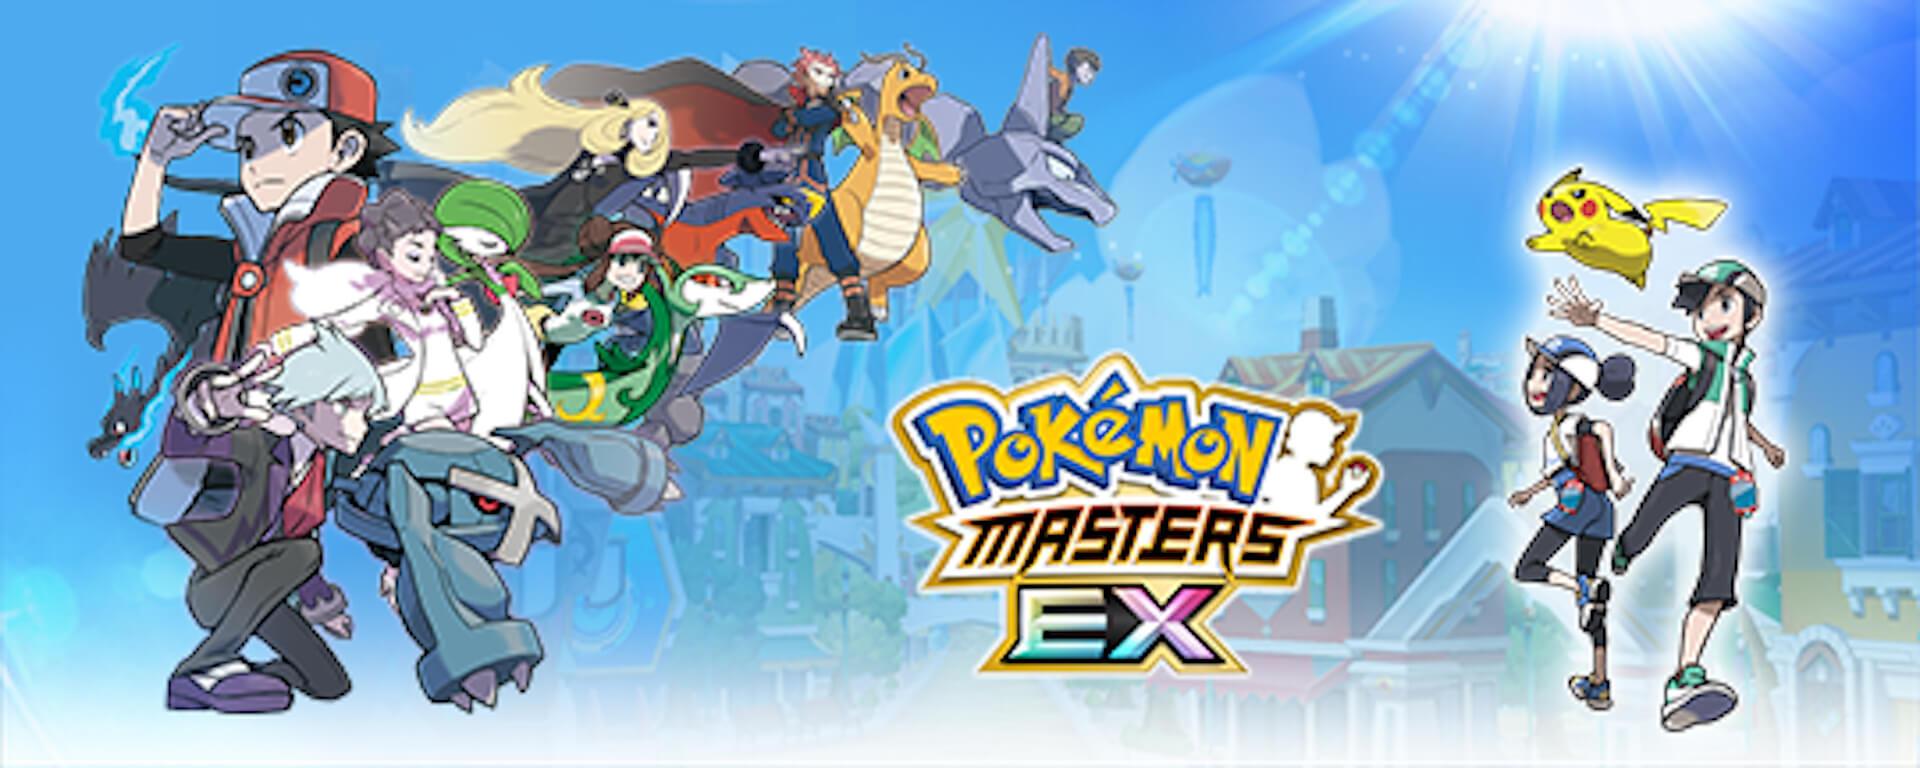 2月27日は「Pokémon Day」25周年!『ポケモン ソード・シールド』、『Pokémon GO』などで新企画が満載 art210219_pokemonday_2